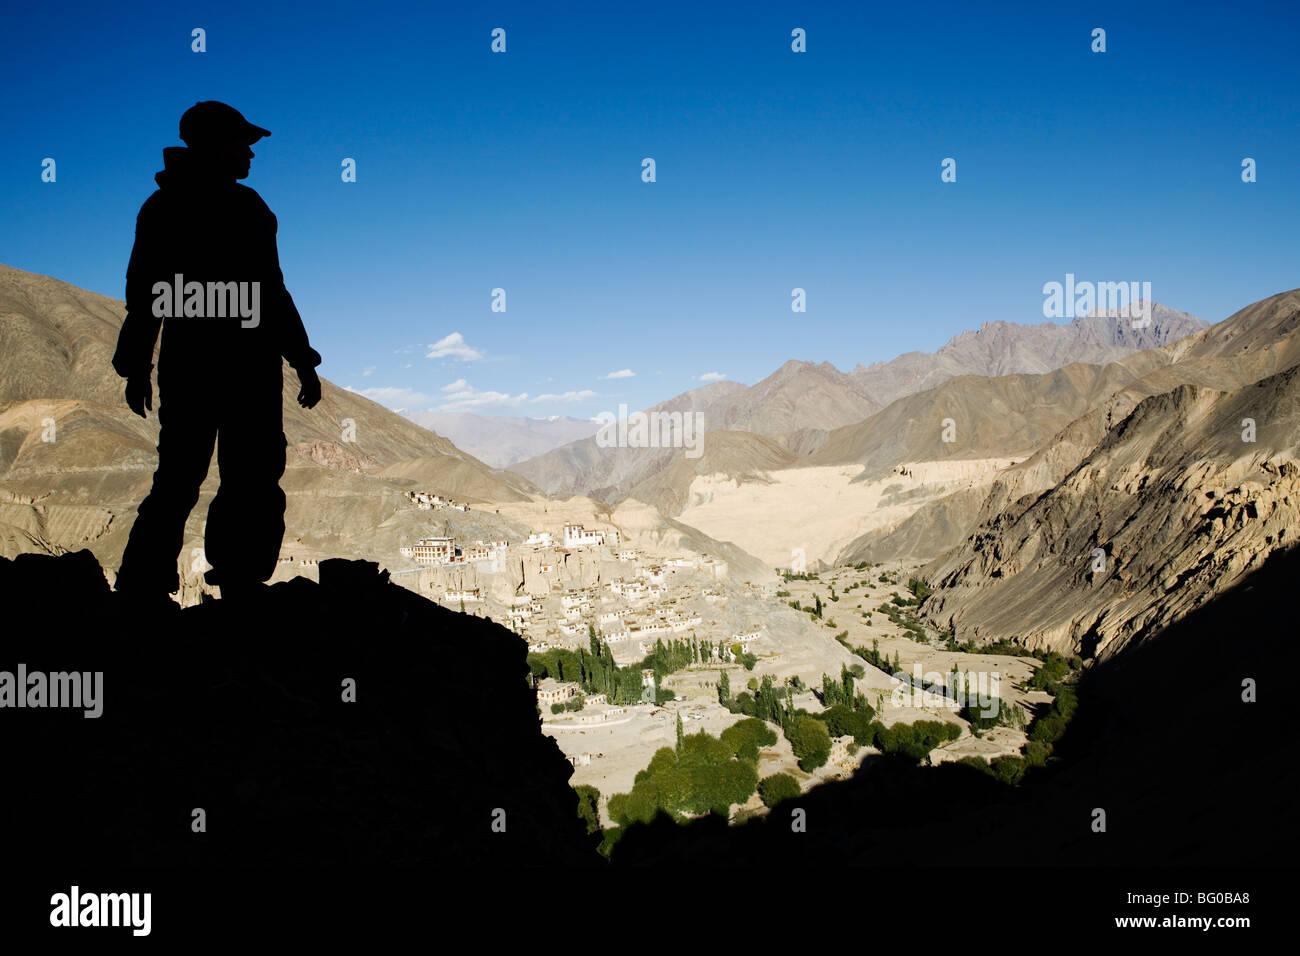 Vista del monastero di Lamayuru e villaggio, Ladakh Himalaya indiano. Immagini Stock